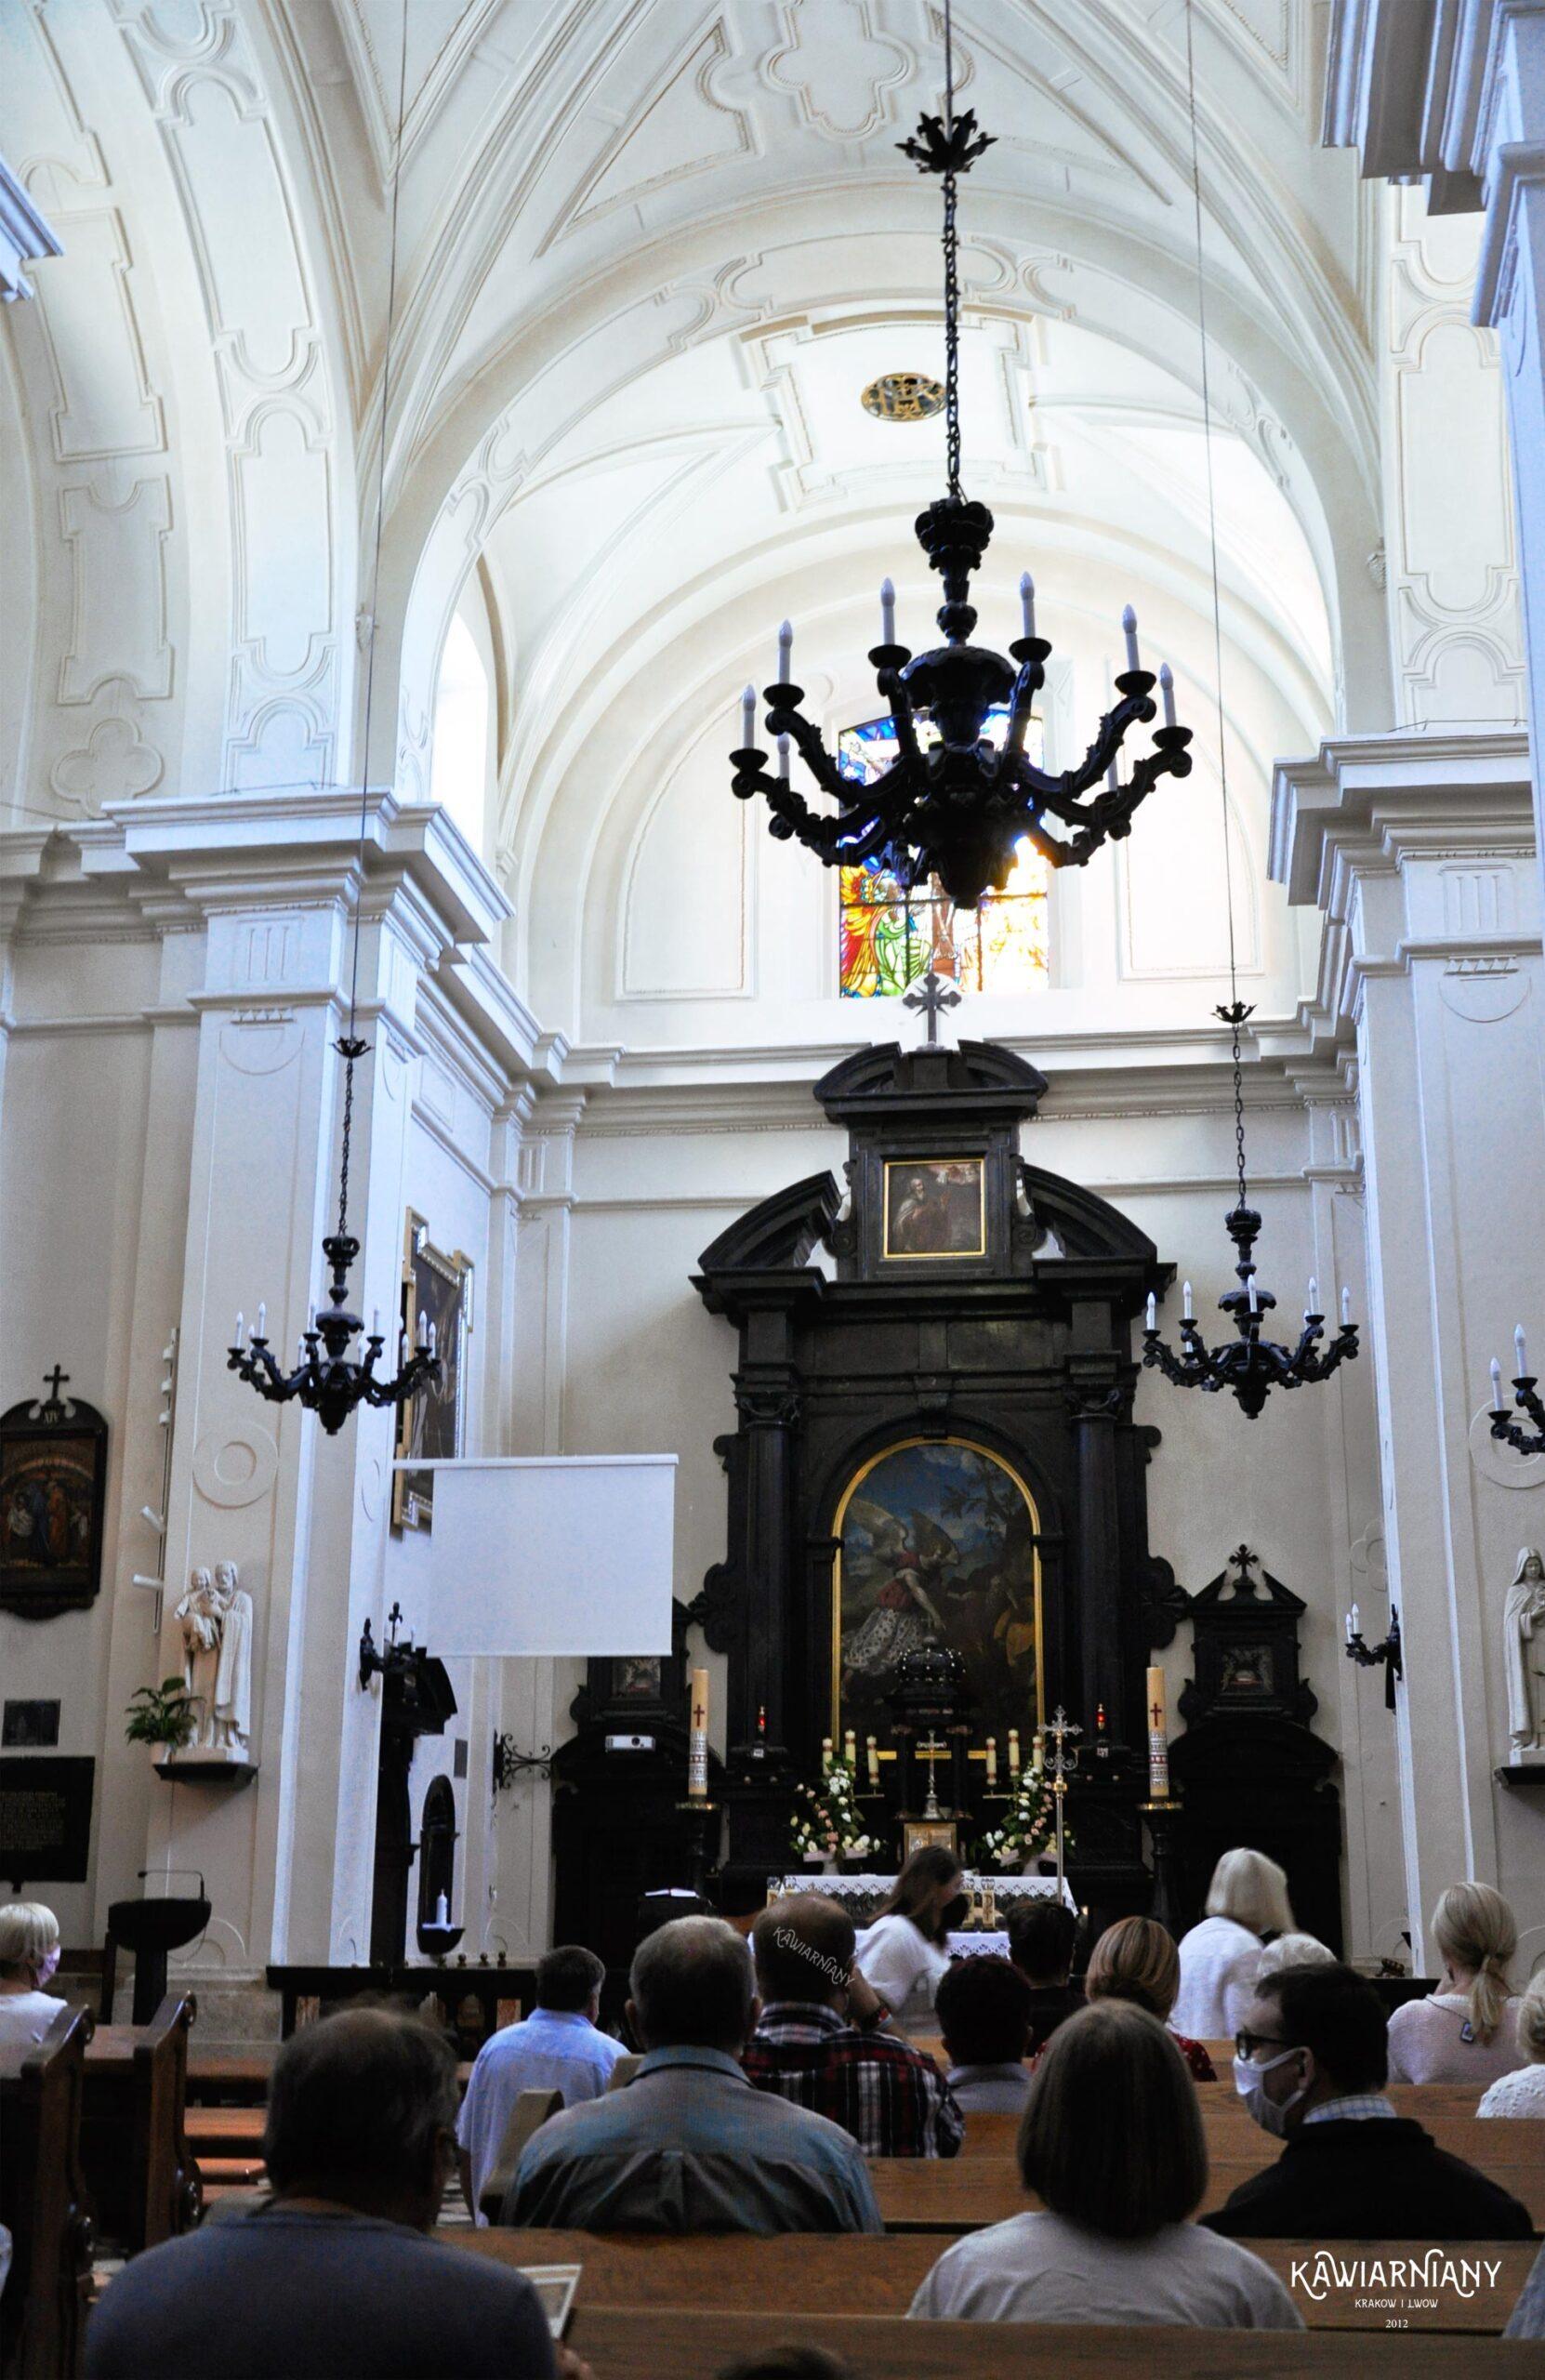 klasztor karmelitow w czernej msze